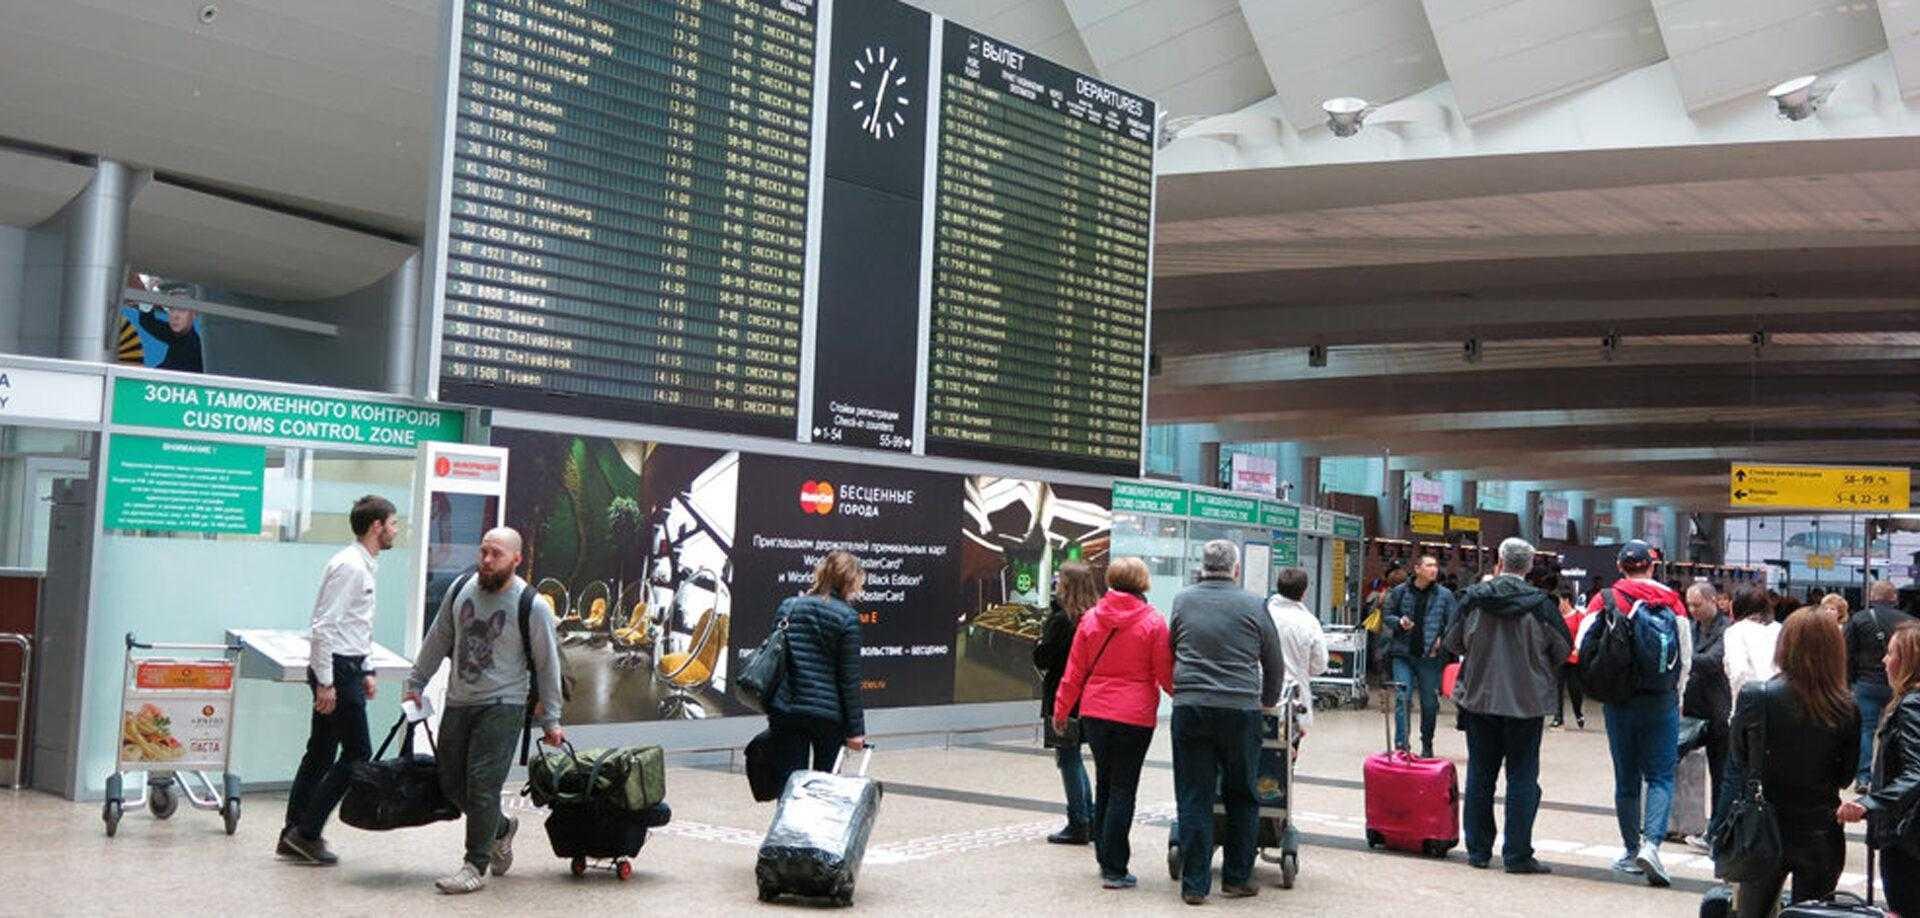 граждане СНГ, Абхазии, Южной Осетии смогут проезжать через РФ транзитом